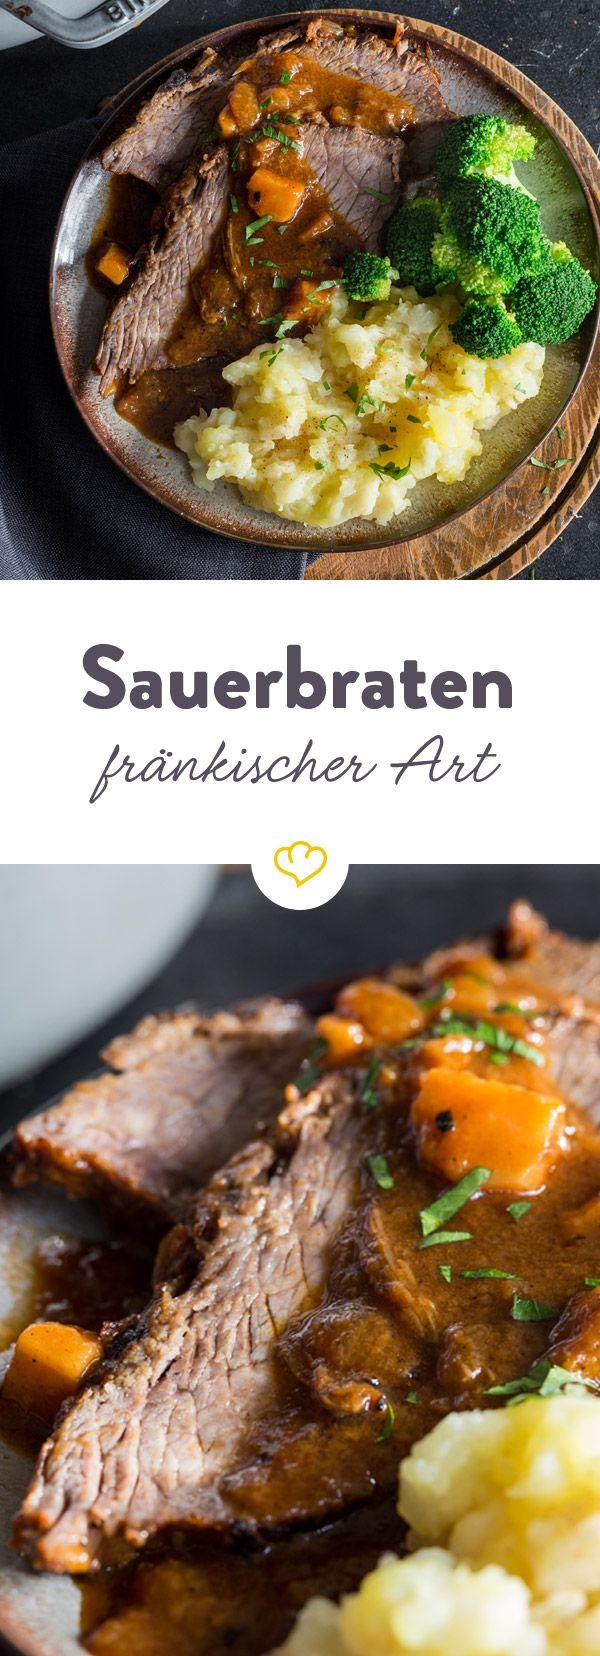 Ein Klassiker der deutschen Küche: Sauerbraten mit Rotweinbeize und Saucenlebkuchen. Willkommene Abwechslung zu Knödeln bringt Selleriepüree.